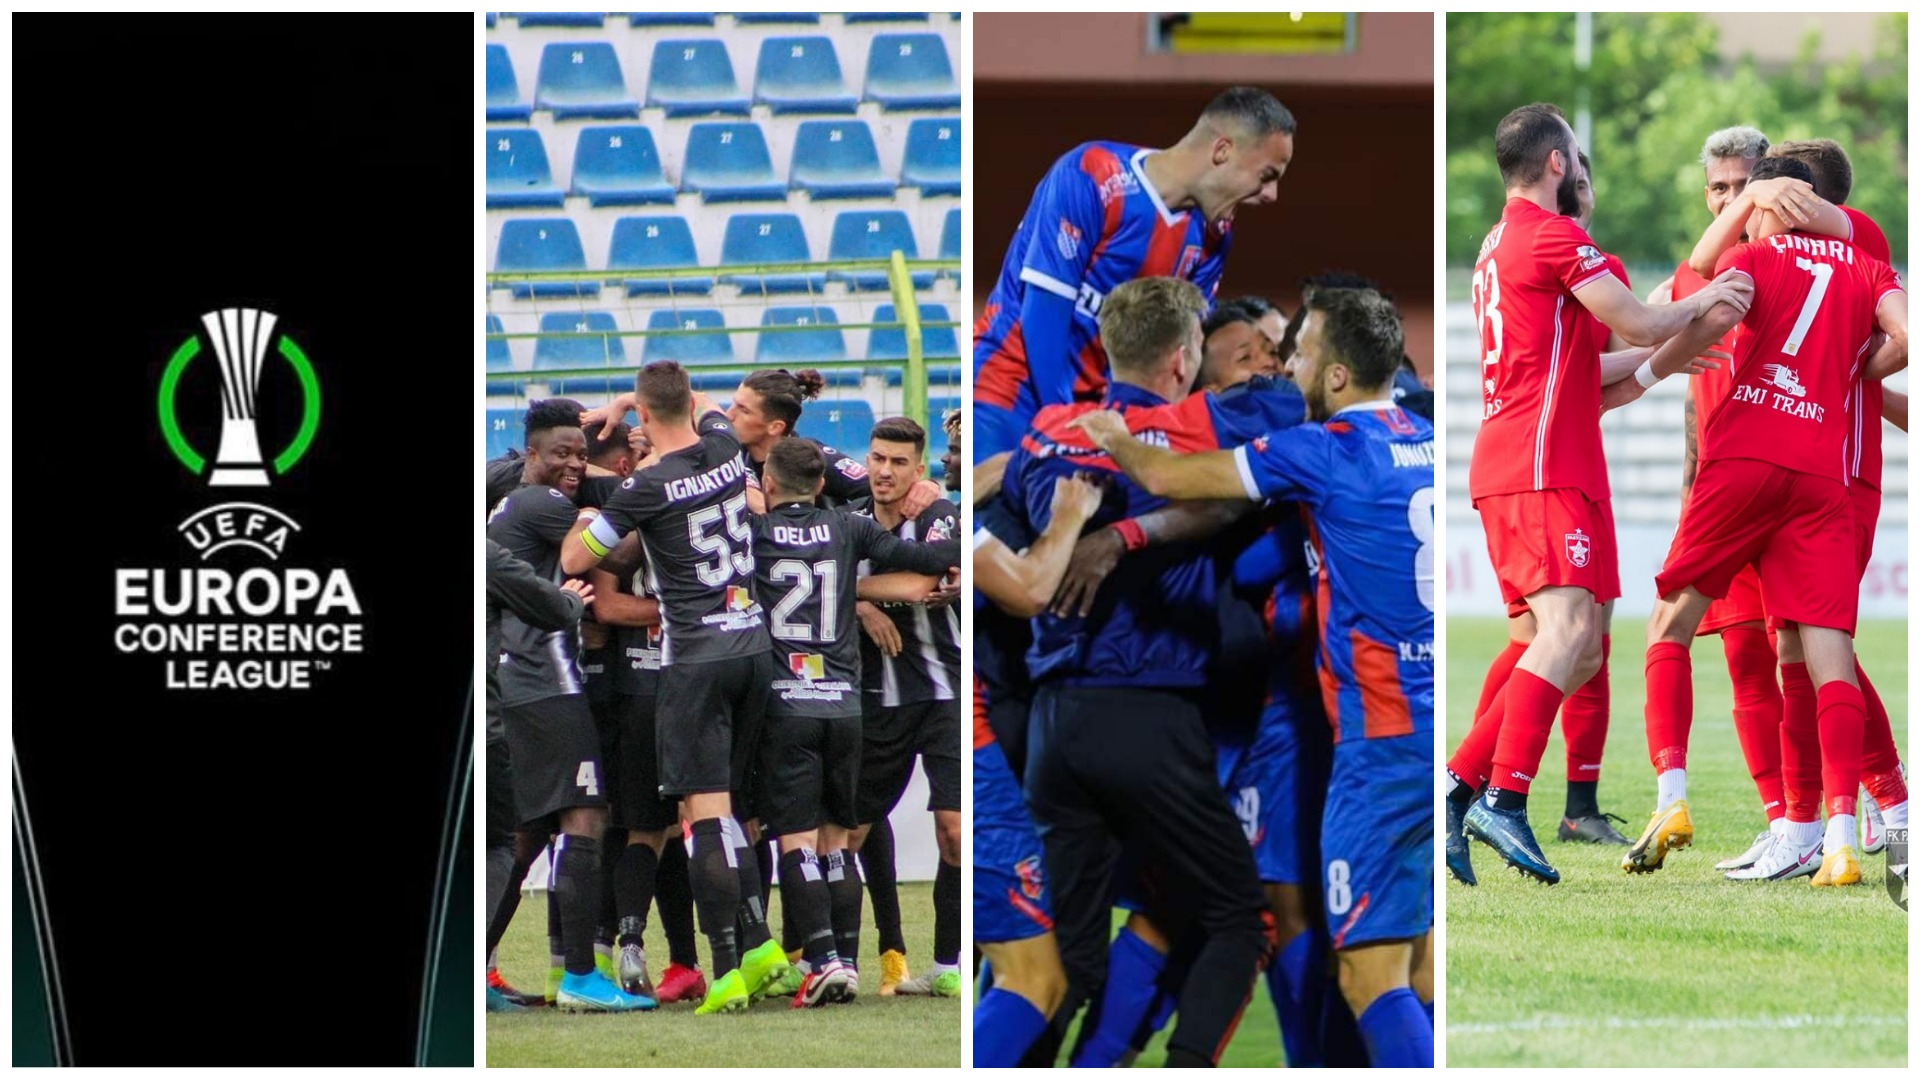 """Shqiptarët bëjnë """"xing"""" në shortin e Conference League, rivalët e mundshëm të përballueshëm"""